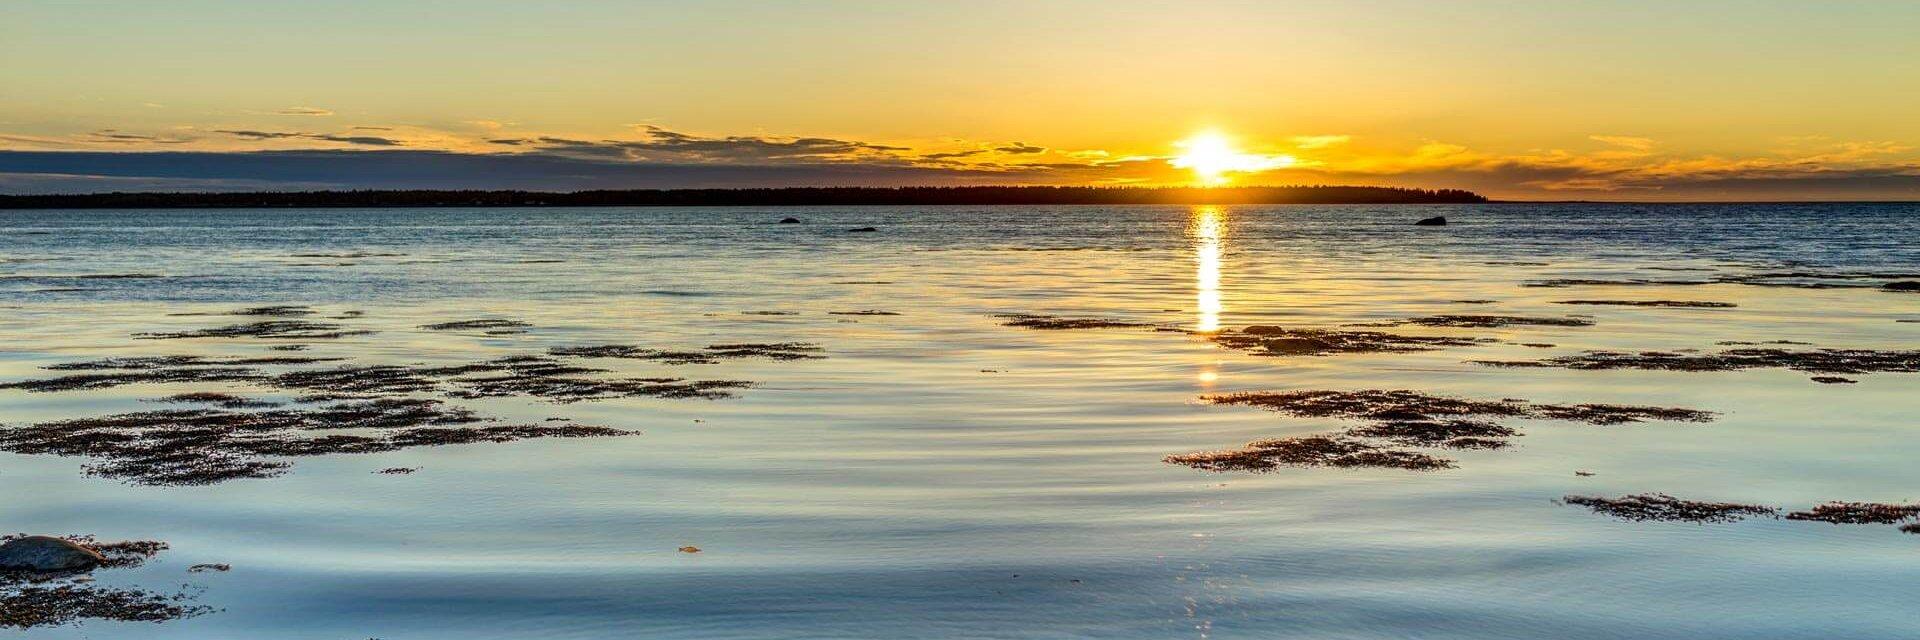 Bas-Saint-Laurent et Gaspésie: Grands espaces et air marin